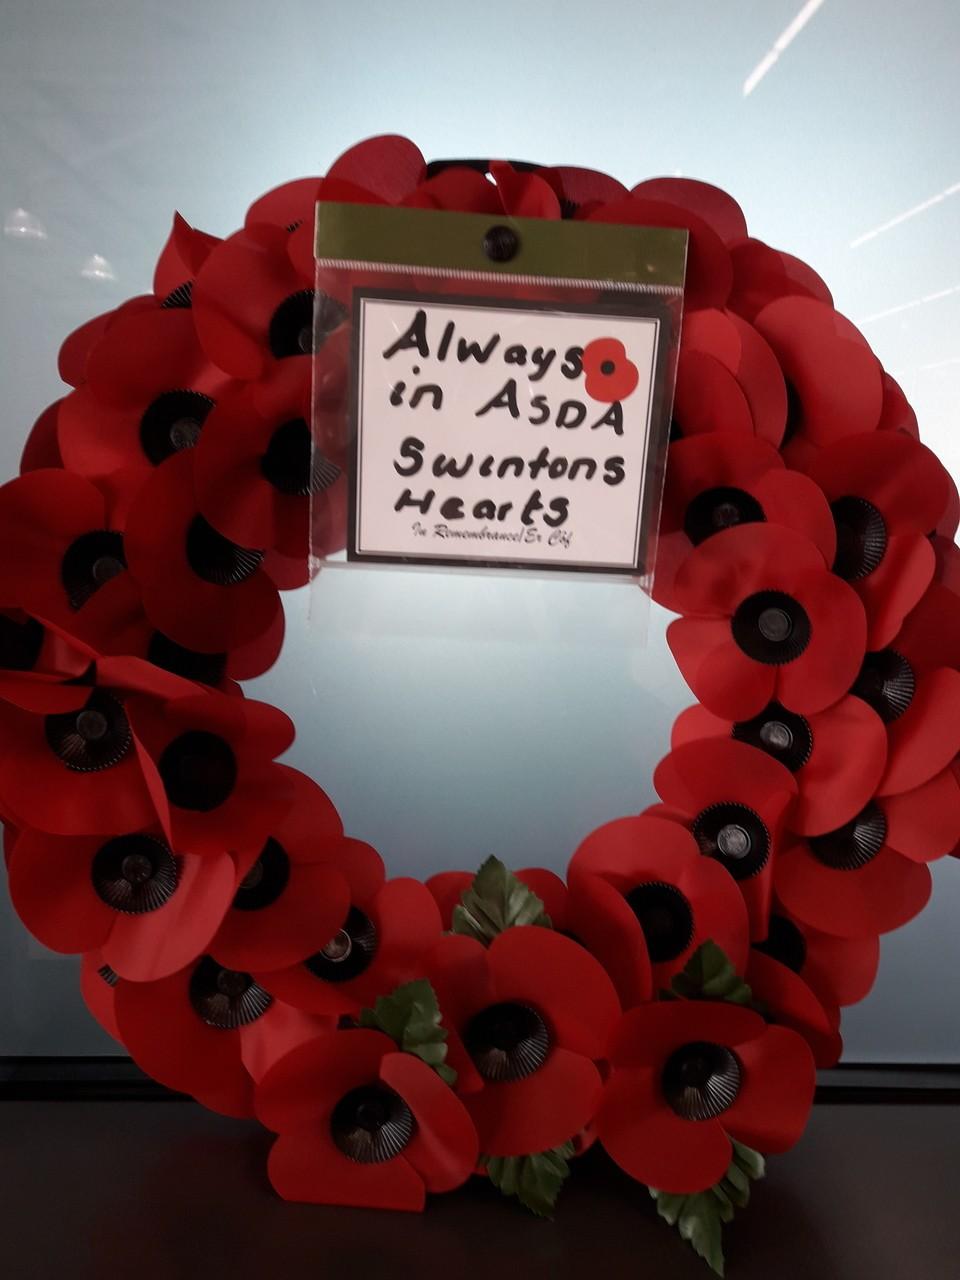 Poppy Appeal support | Asda Swinton